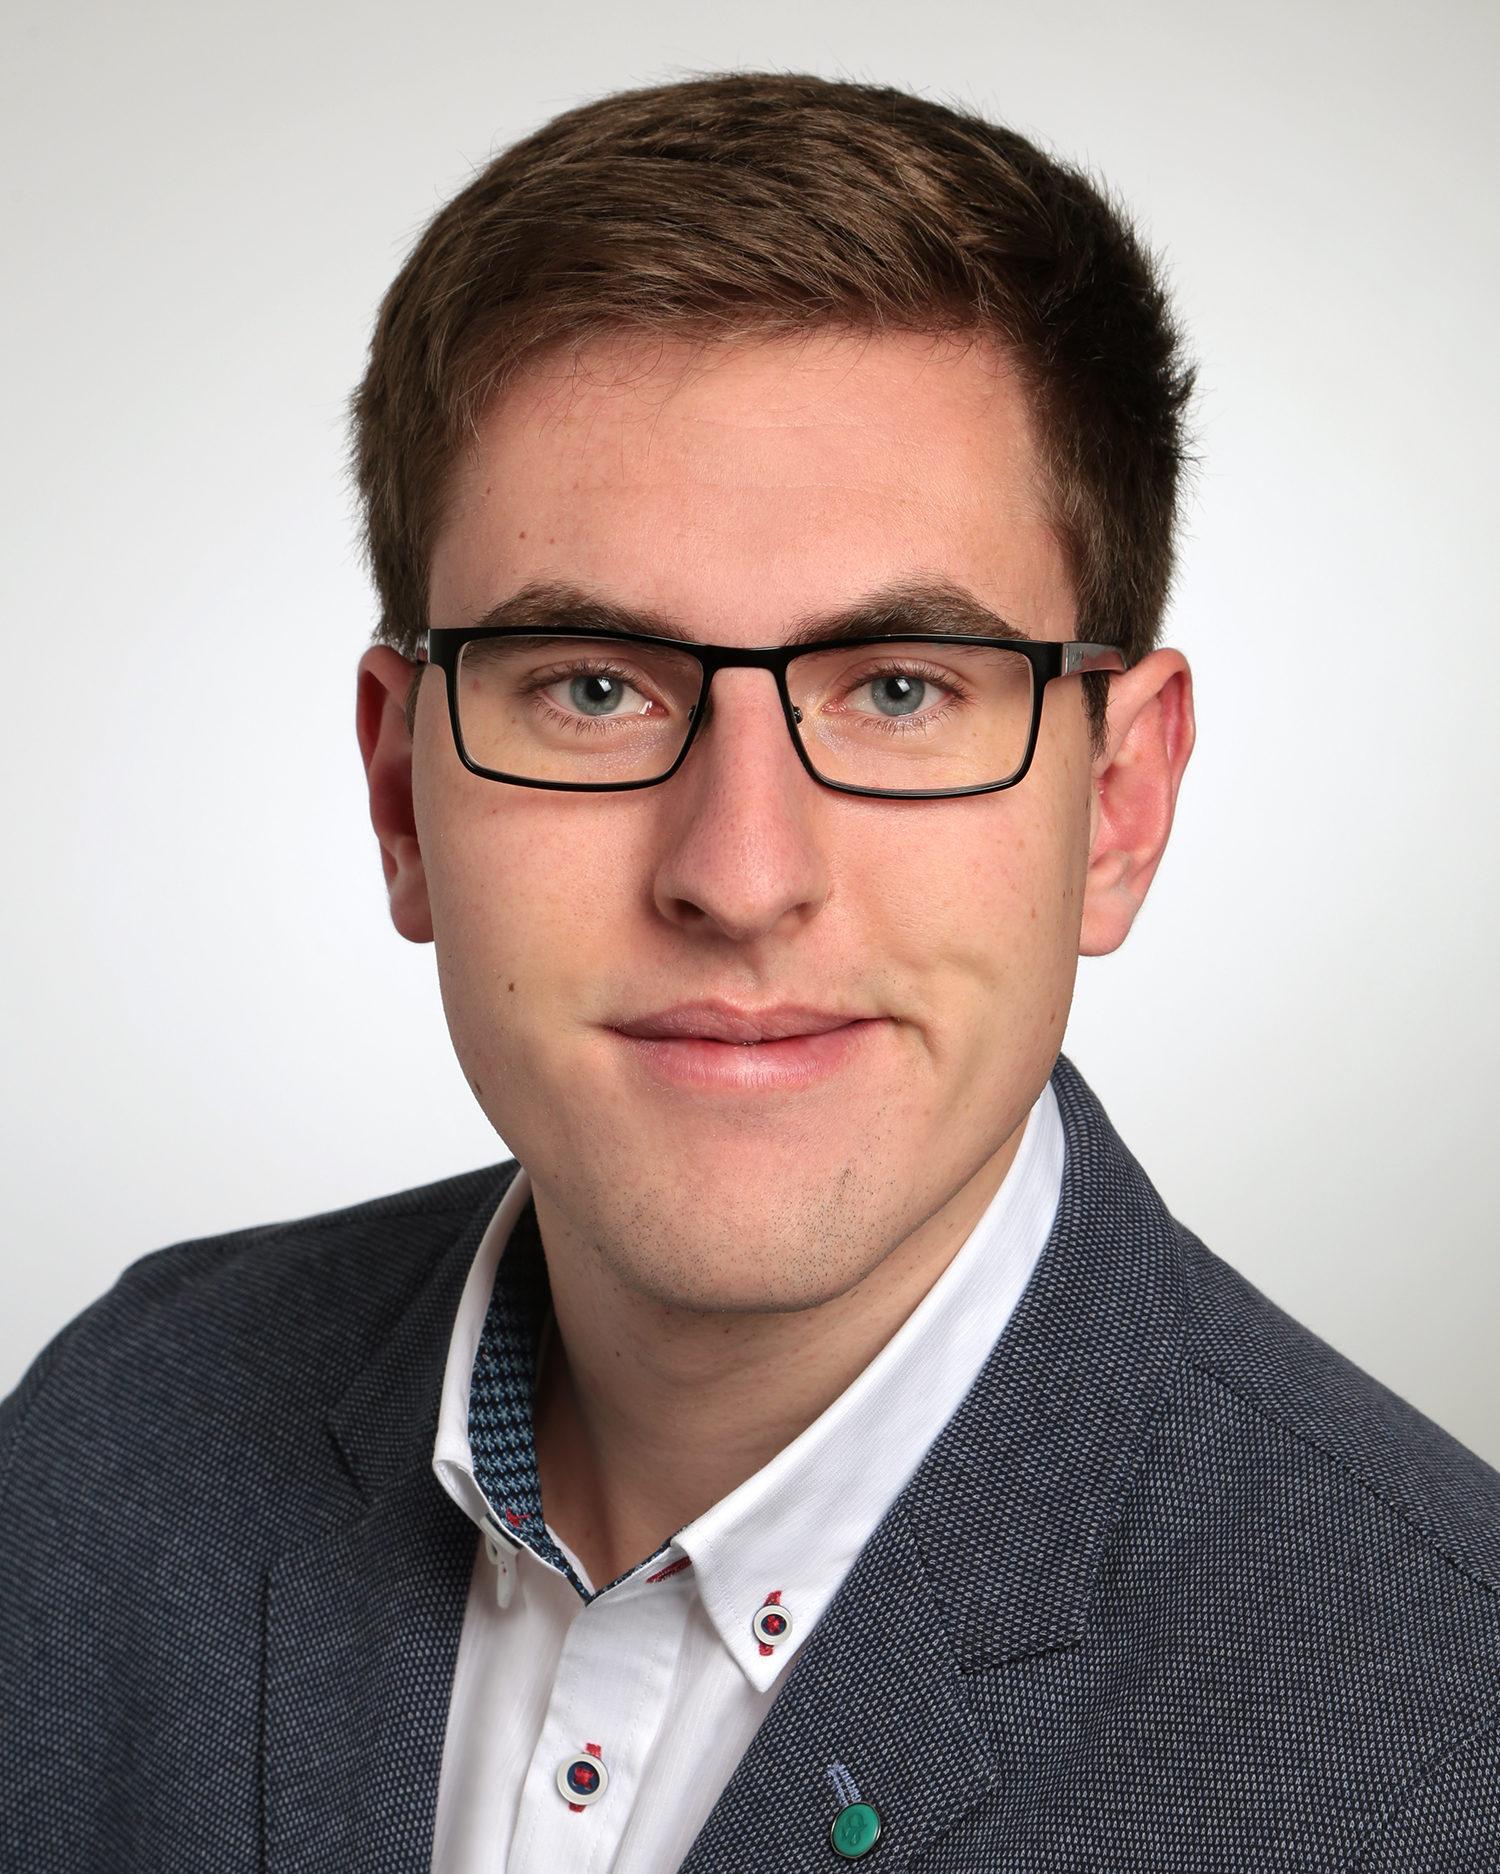 Benedikt Pernack